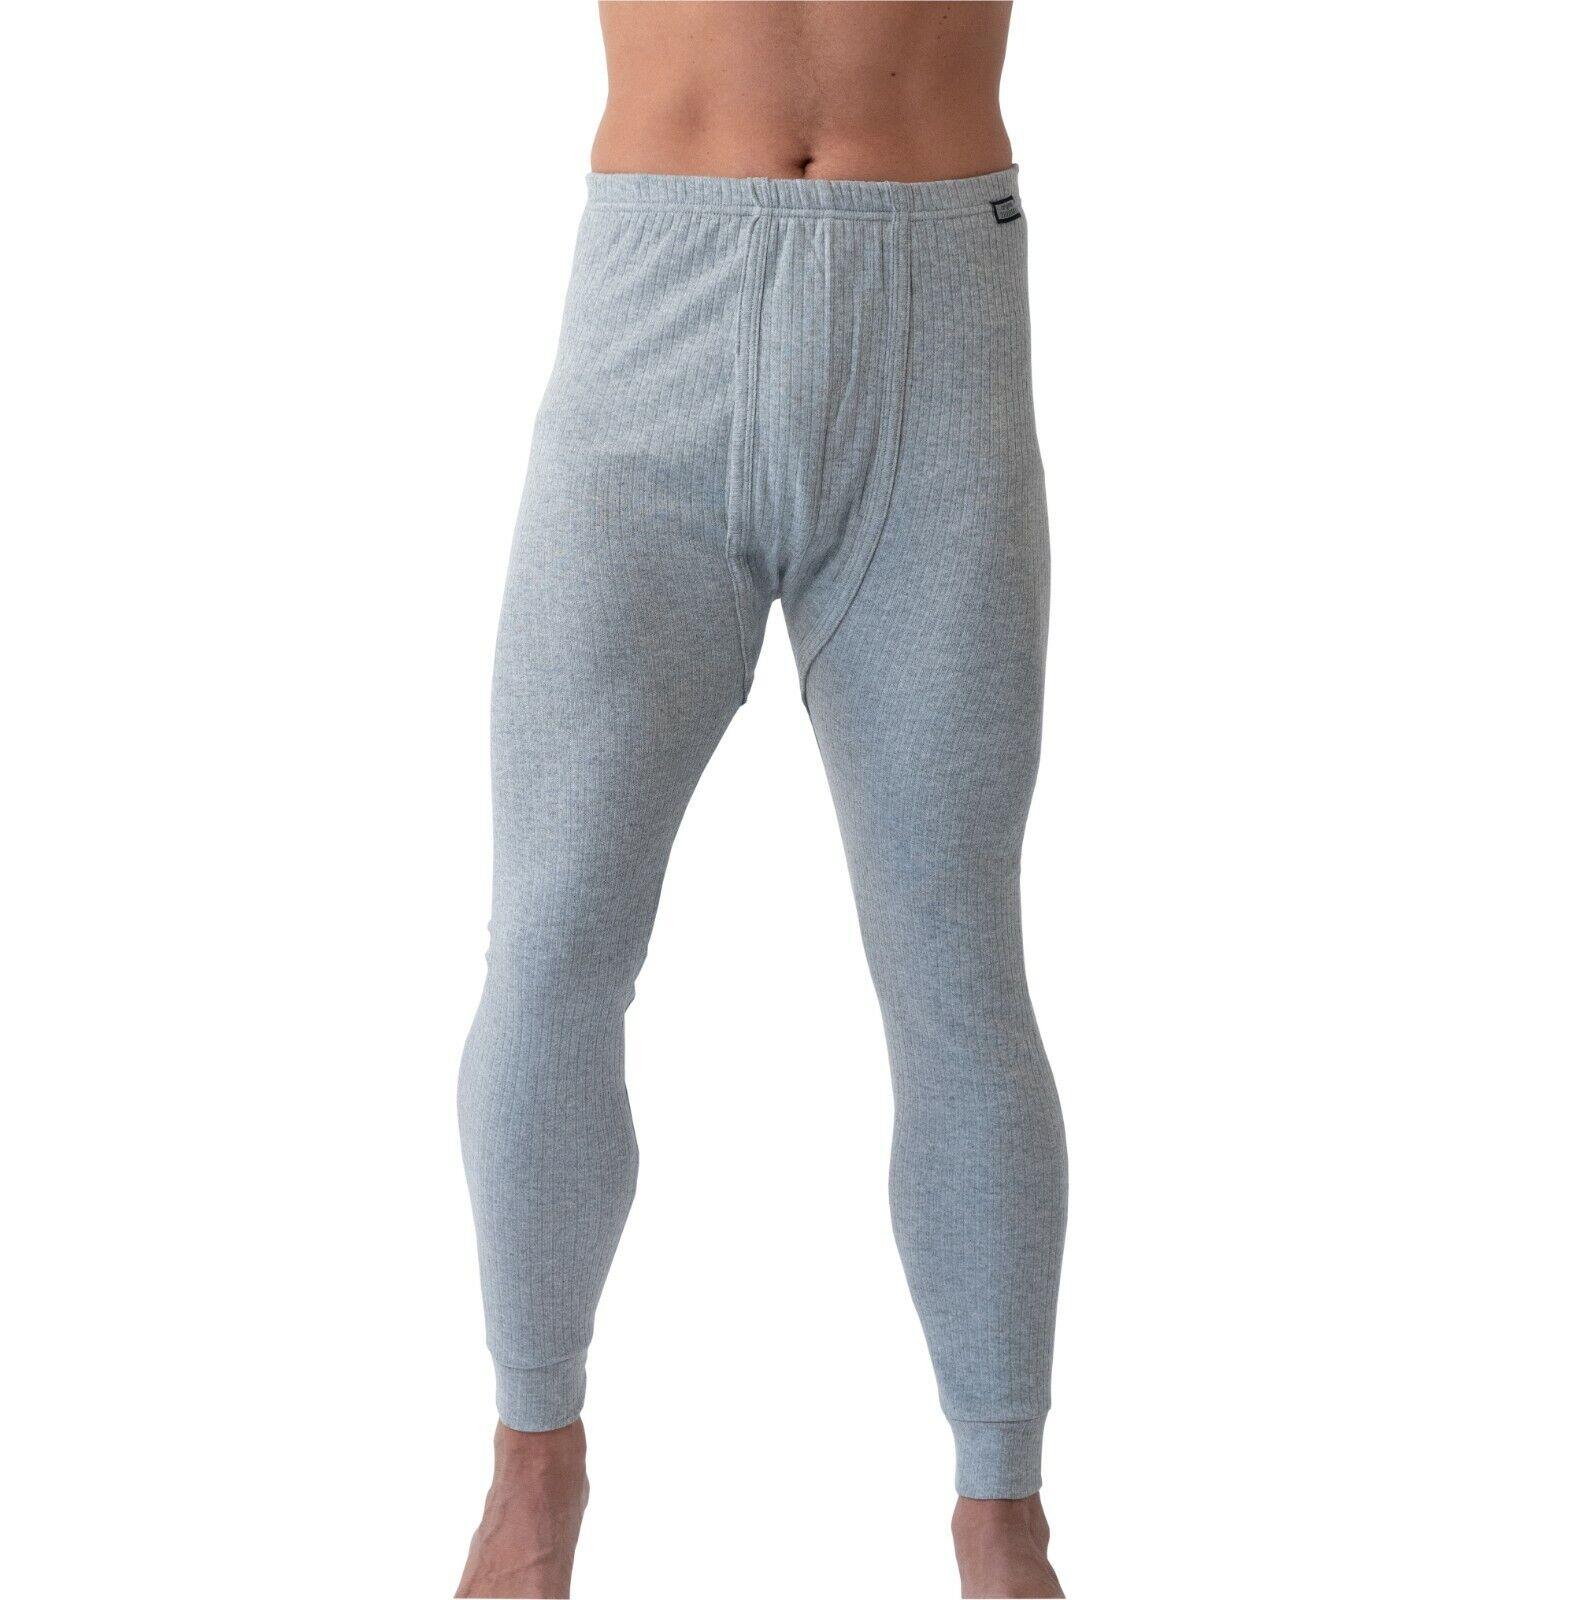 Unterhose lang Thermounterhose Herren bequeme Unterwäsche mit Eingriff Cottonery